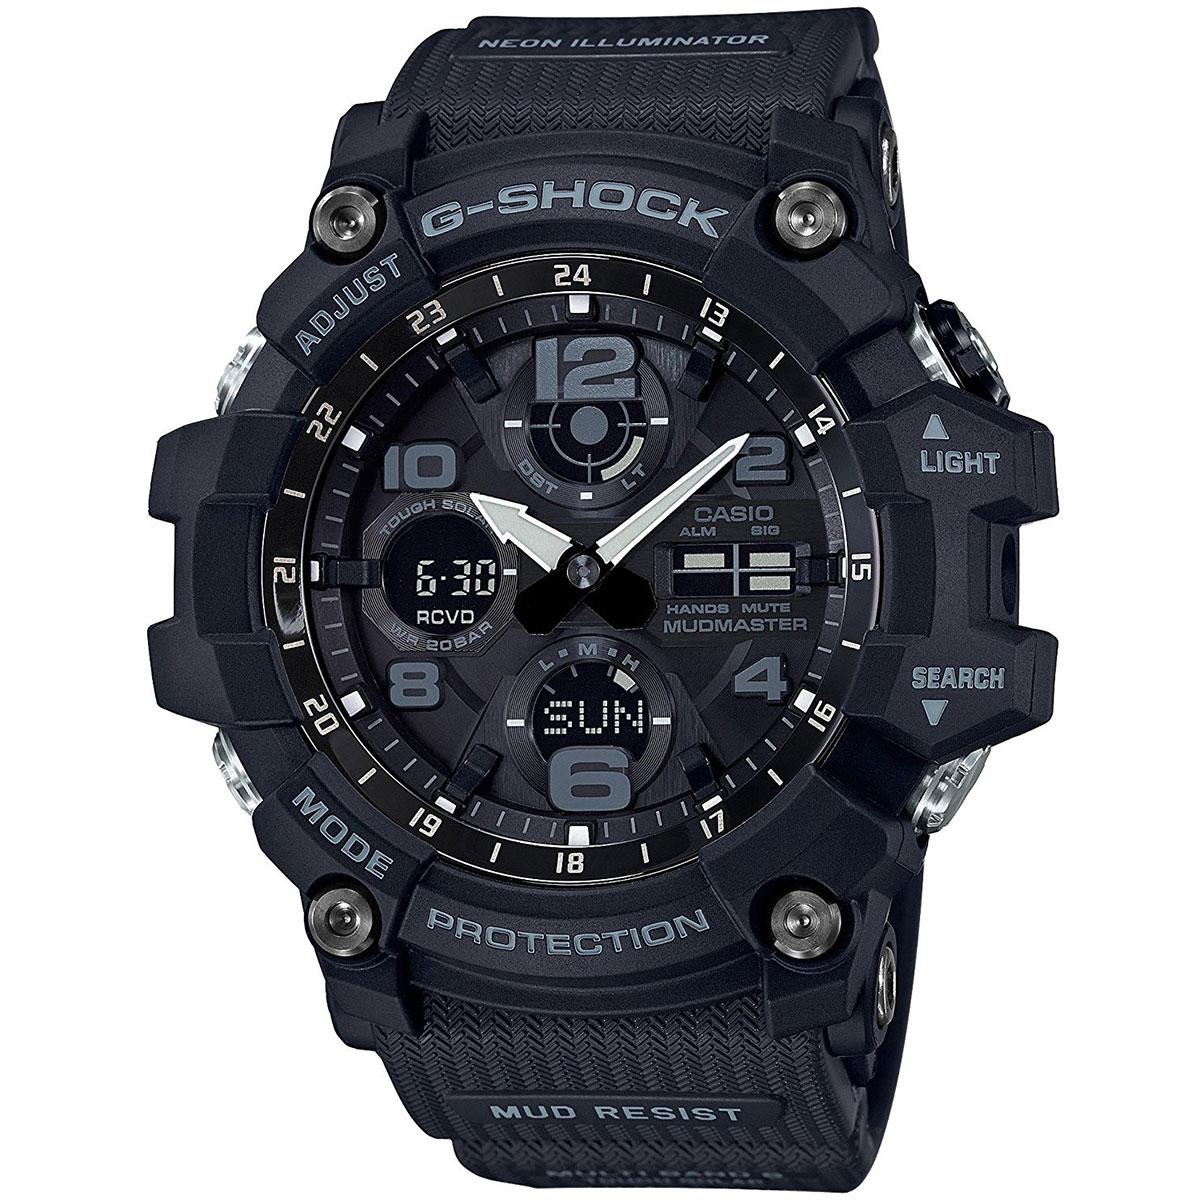 282cb90a6648 Купить кварцевые часы Casio G-Shock Premium gwg-100-1a Black в ...